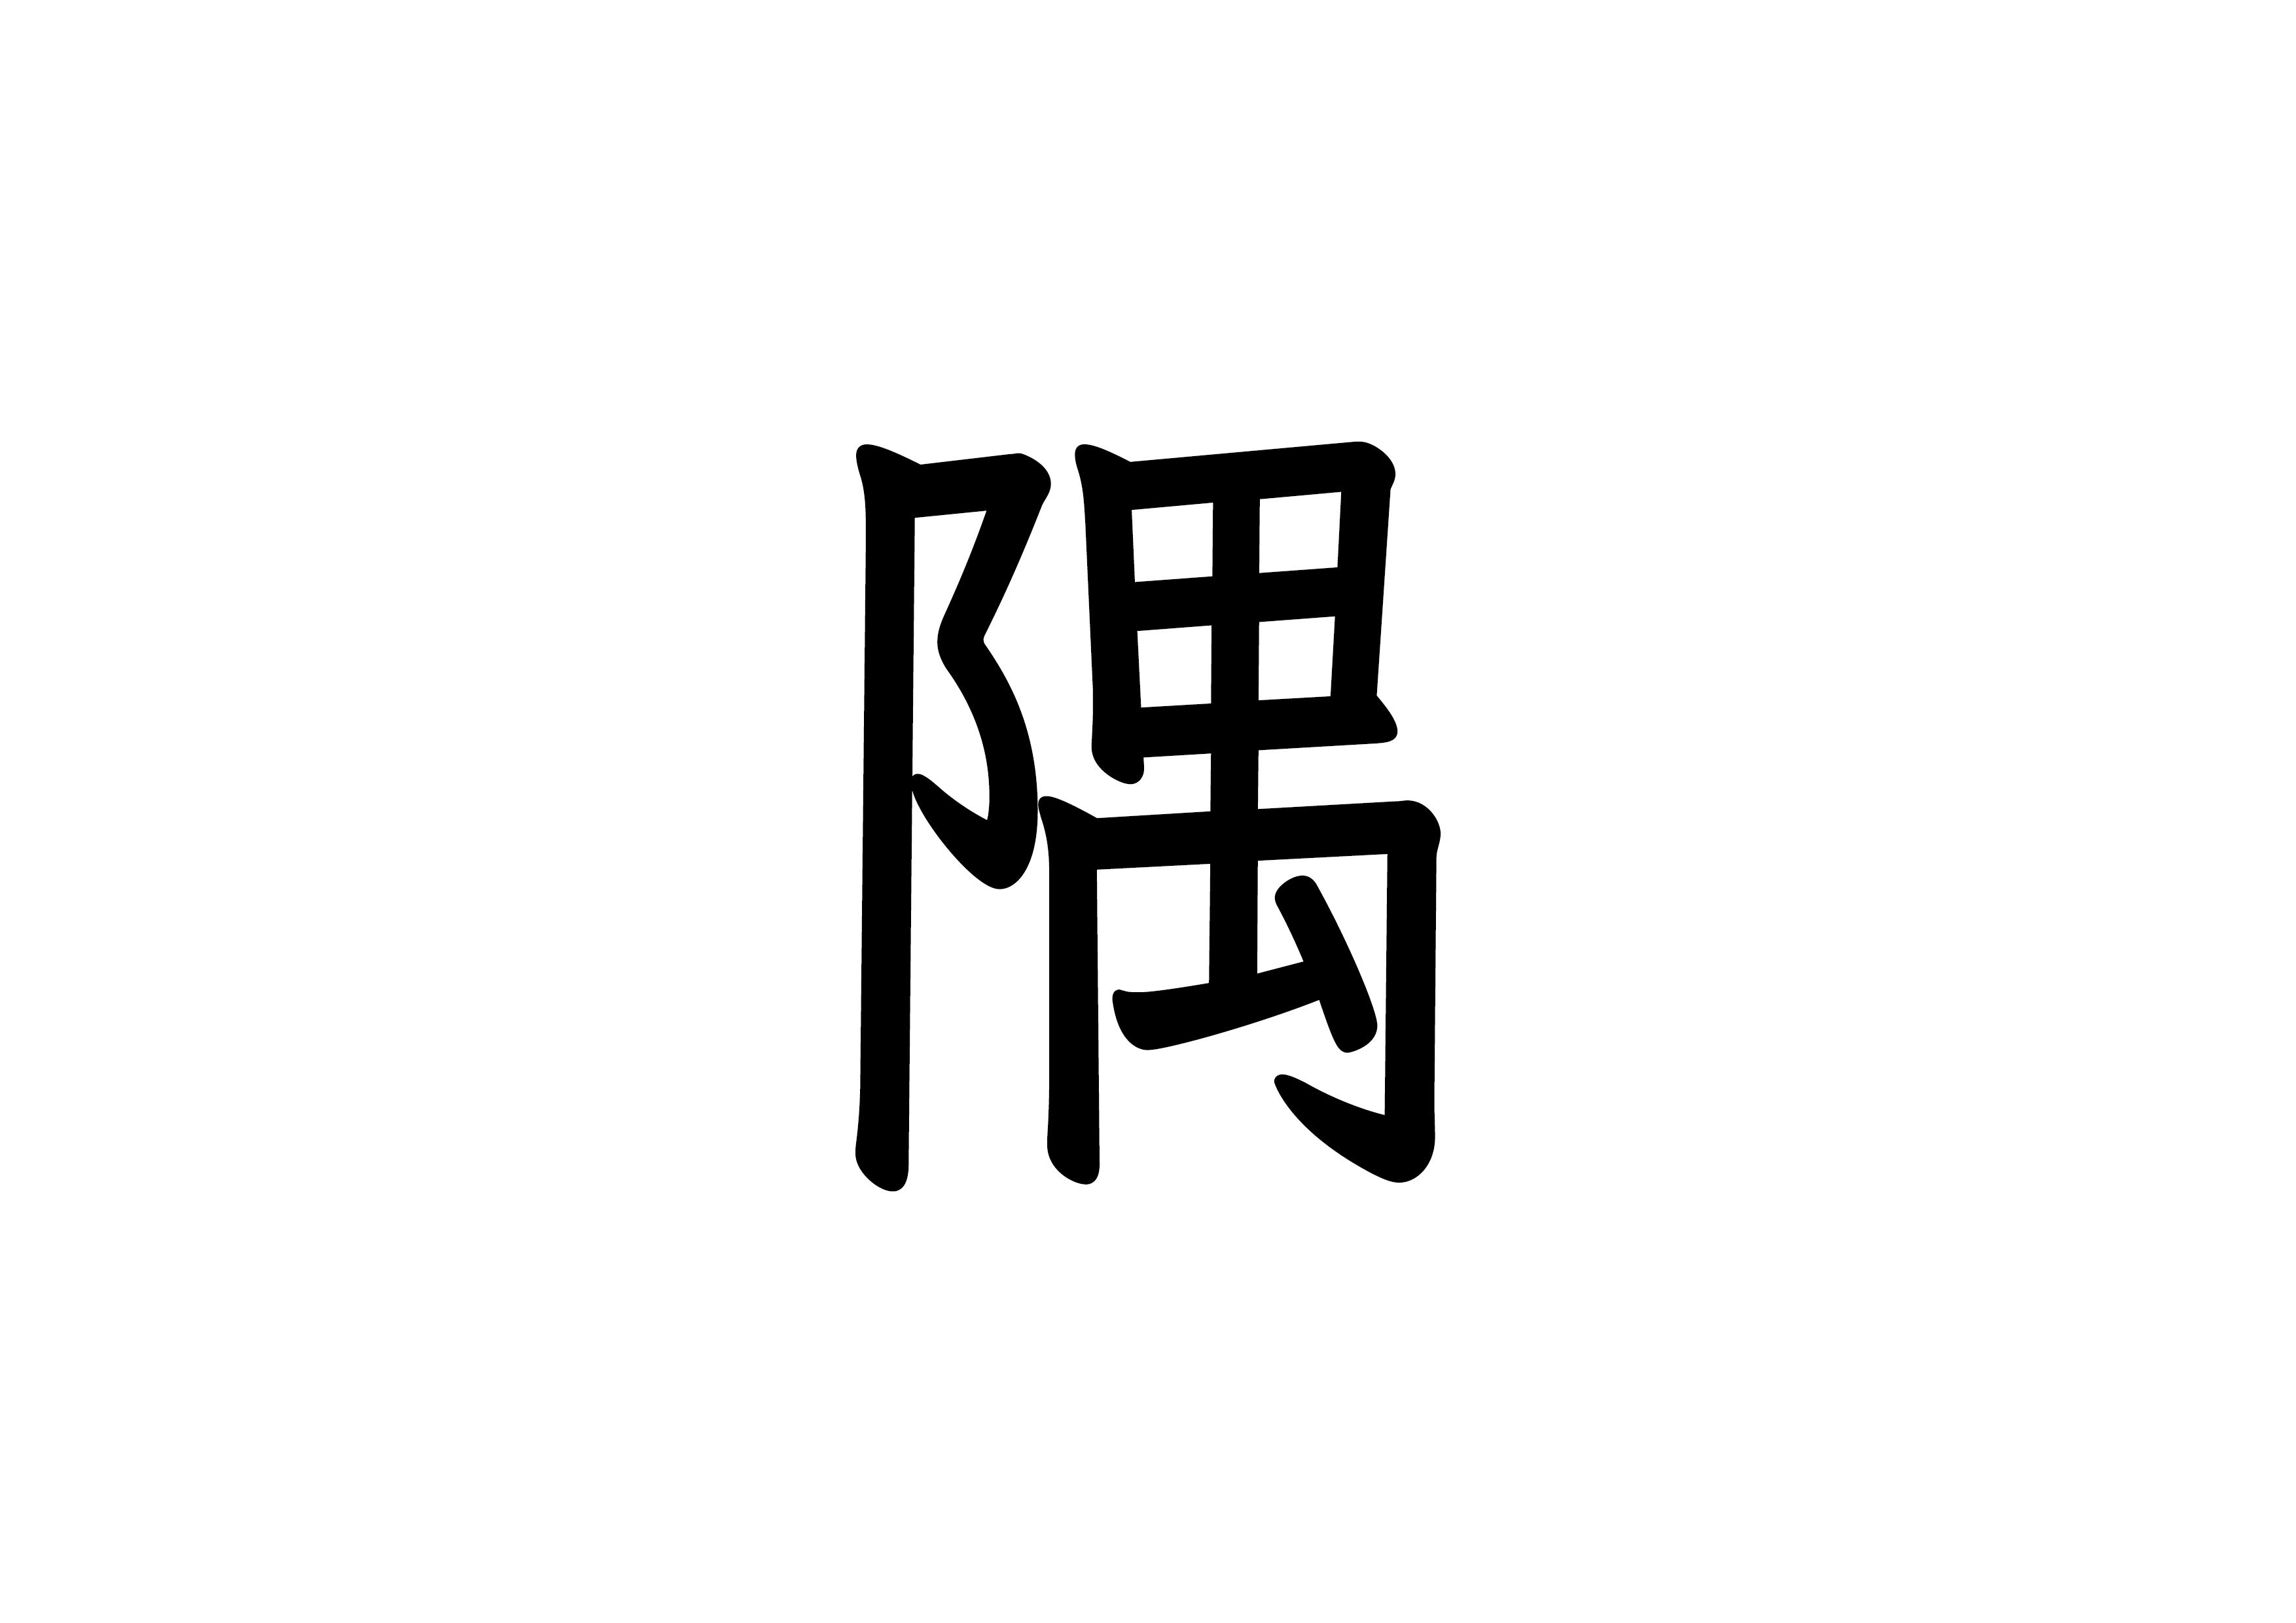 30課文字カード【隅】